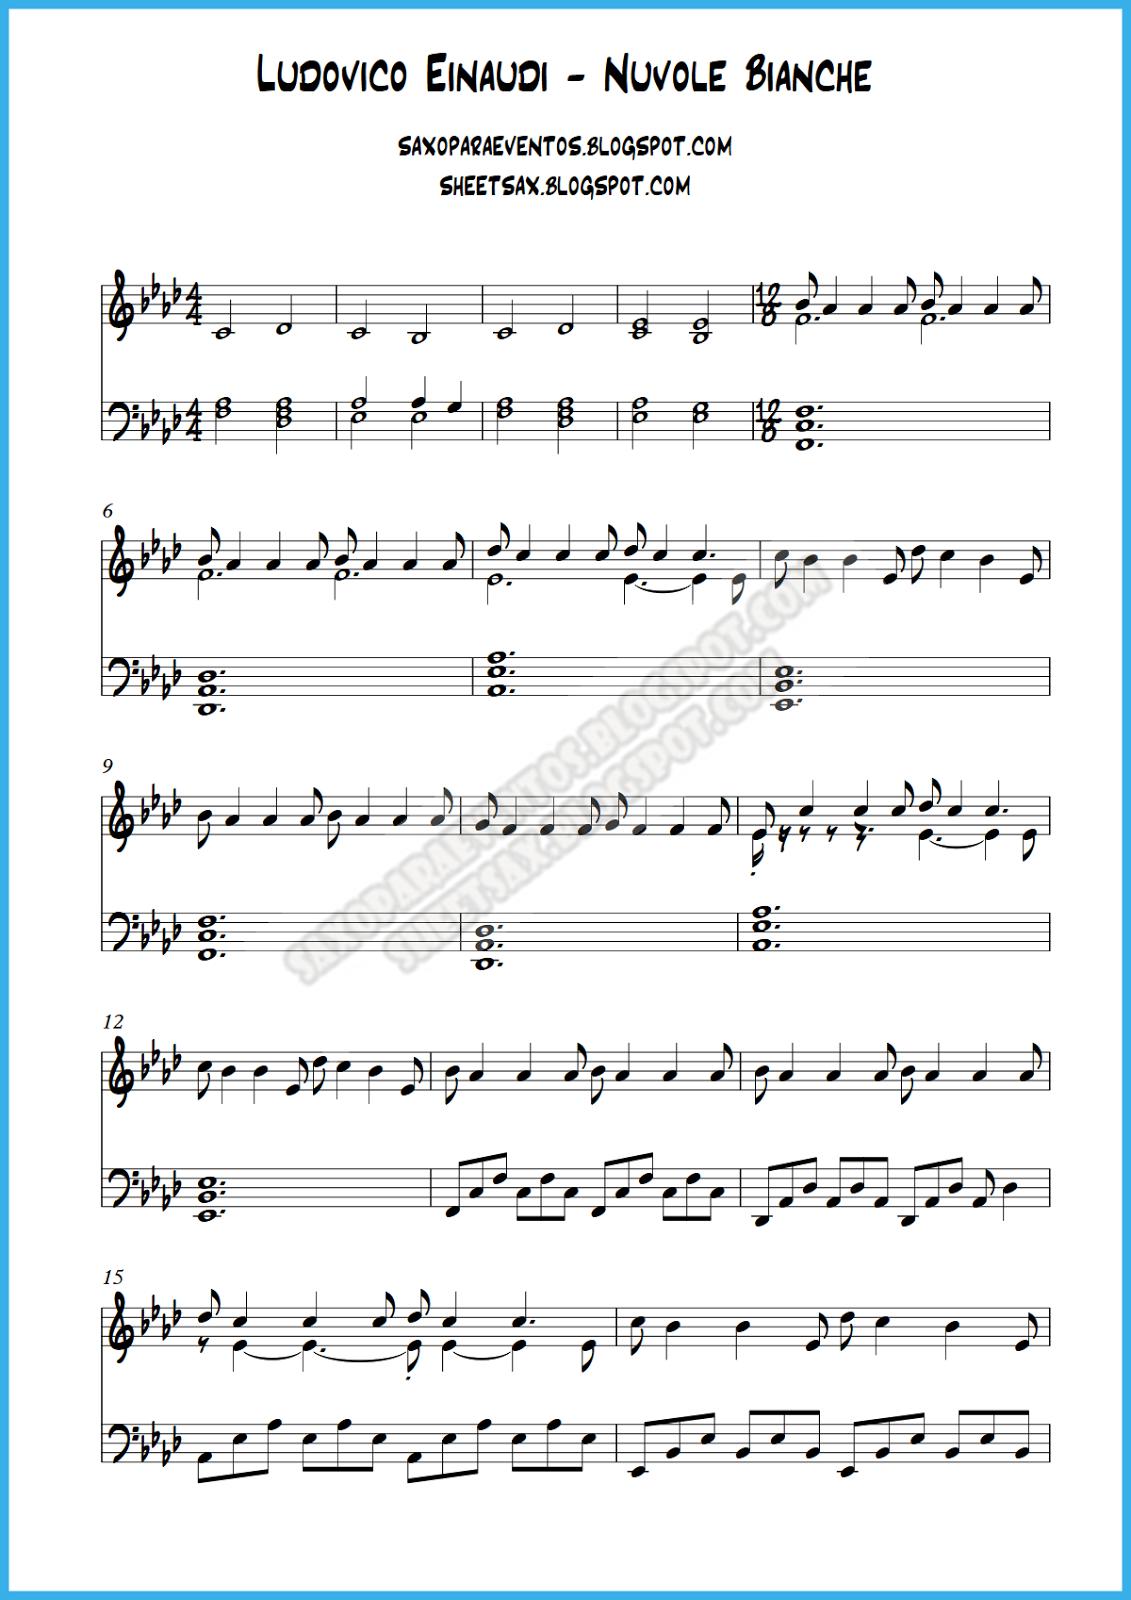 Similar to Ludovico Einaudi - Nuvole Bianche (piano cover)